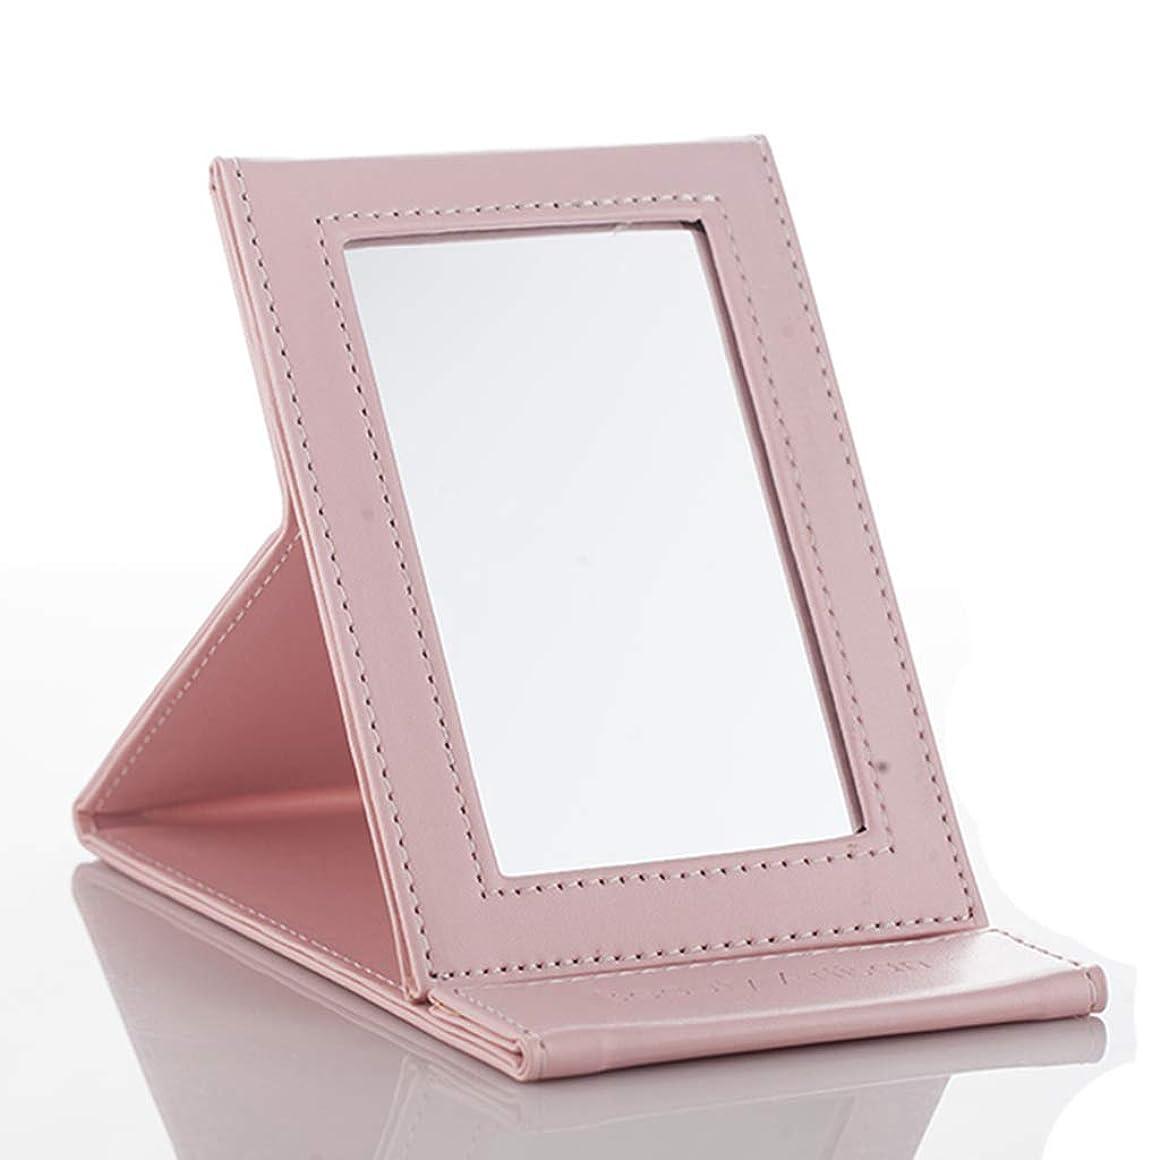 歩行者村放出化粧鏡デスクトップ折りたたみミラースクエアポータブルミラーHDバニティミラーPUレザーファッションポータブル,ピンク,17.4*10.7cm